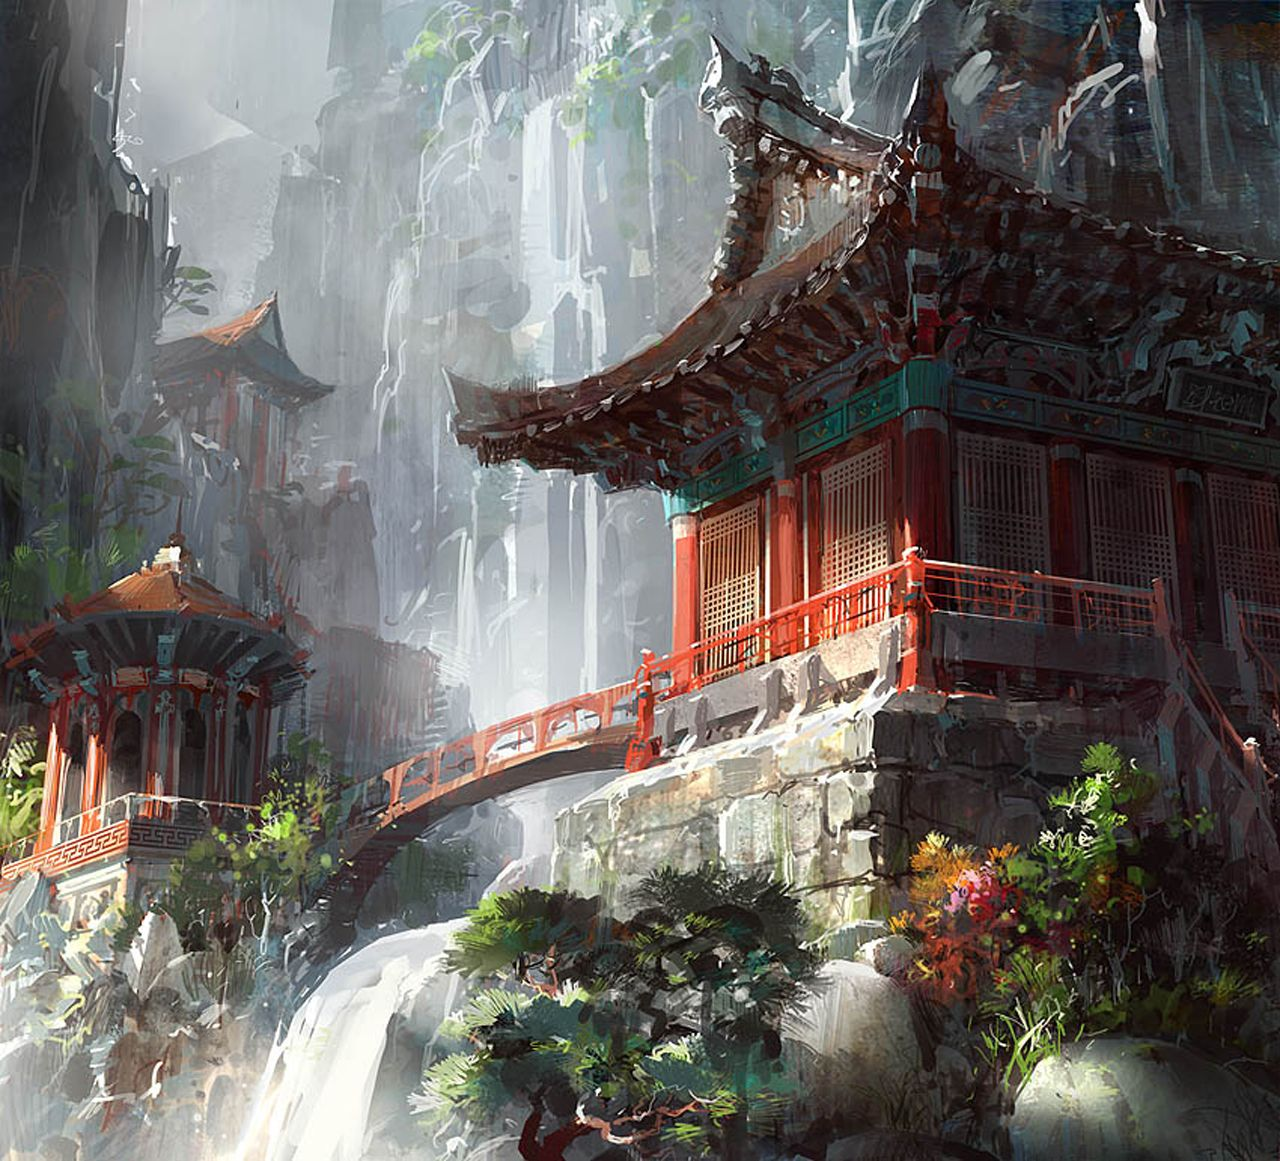 Fantasy Landscape Wallpaper: Backgrounds & Landscapes 1